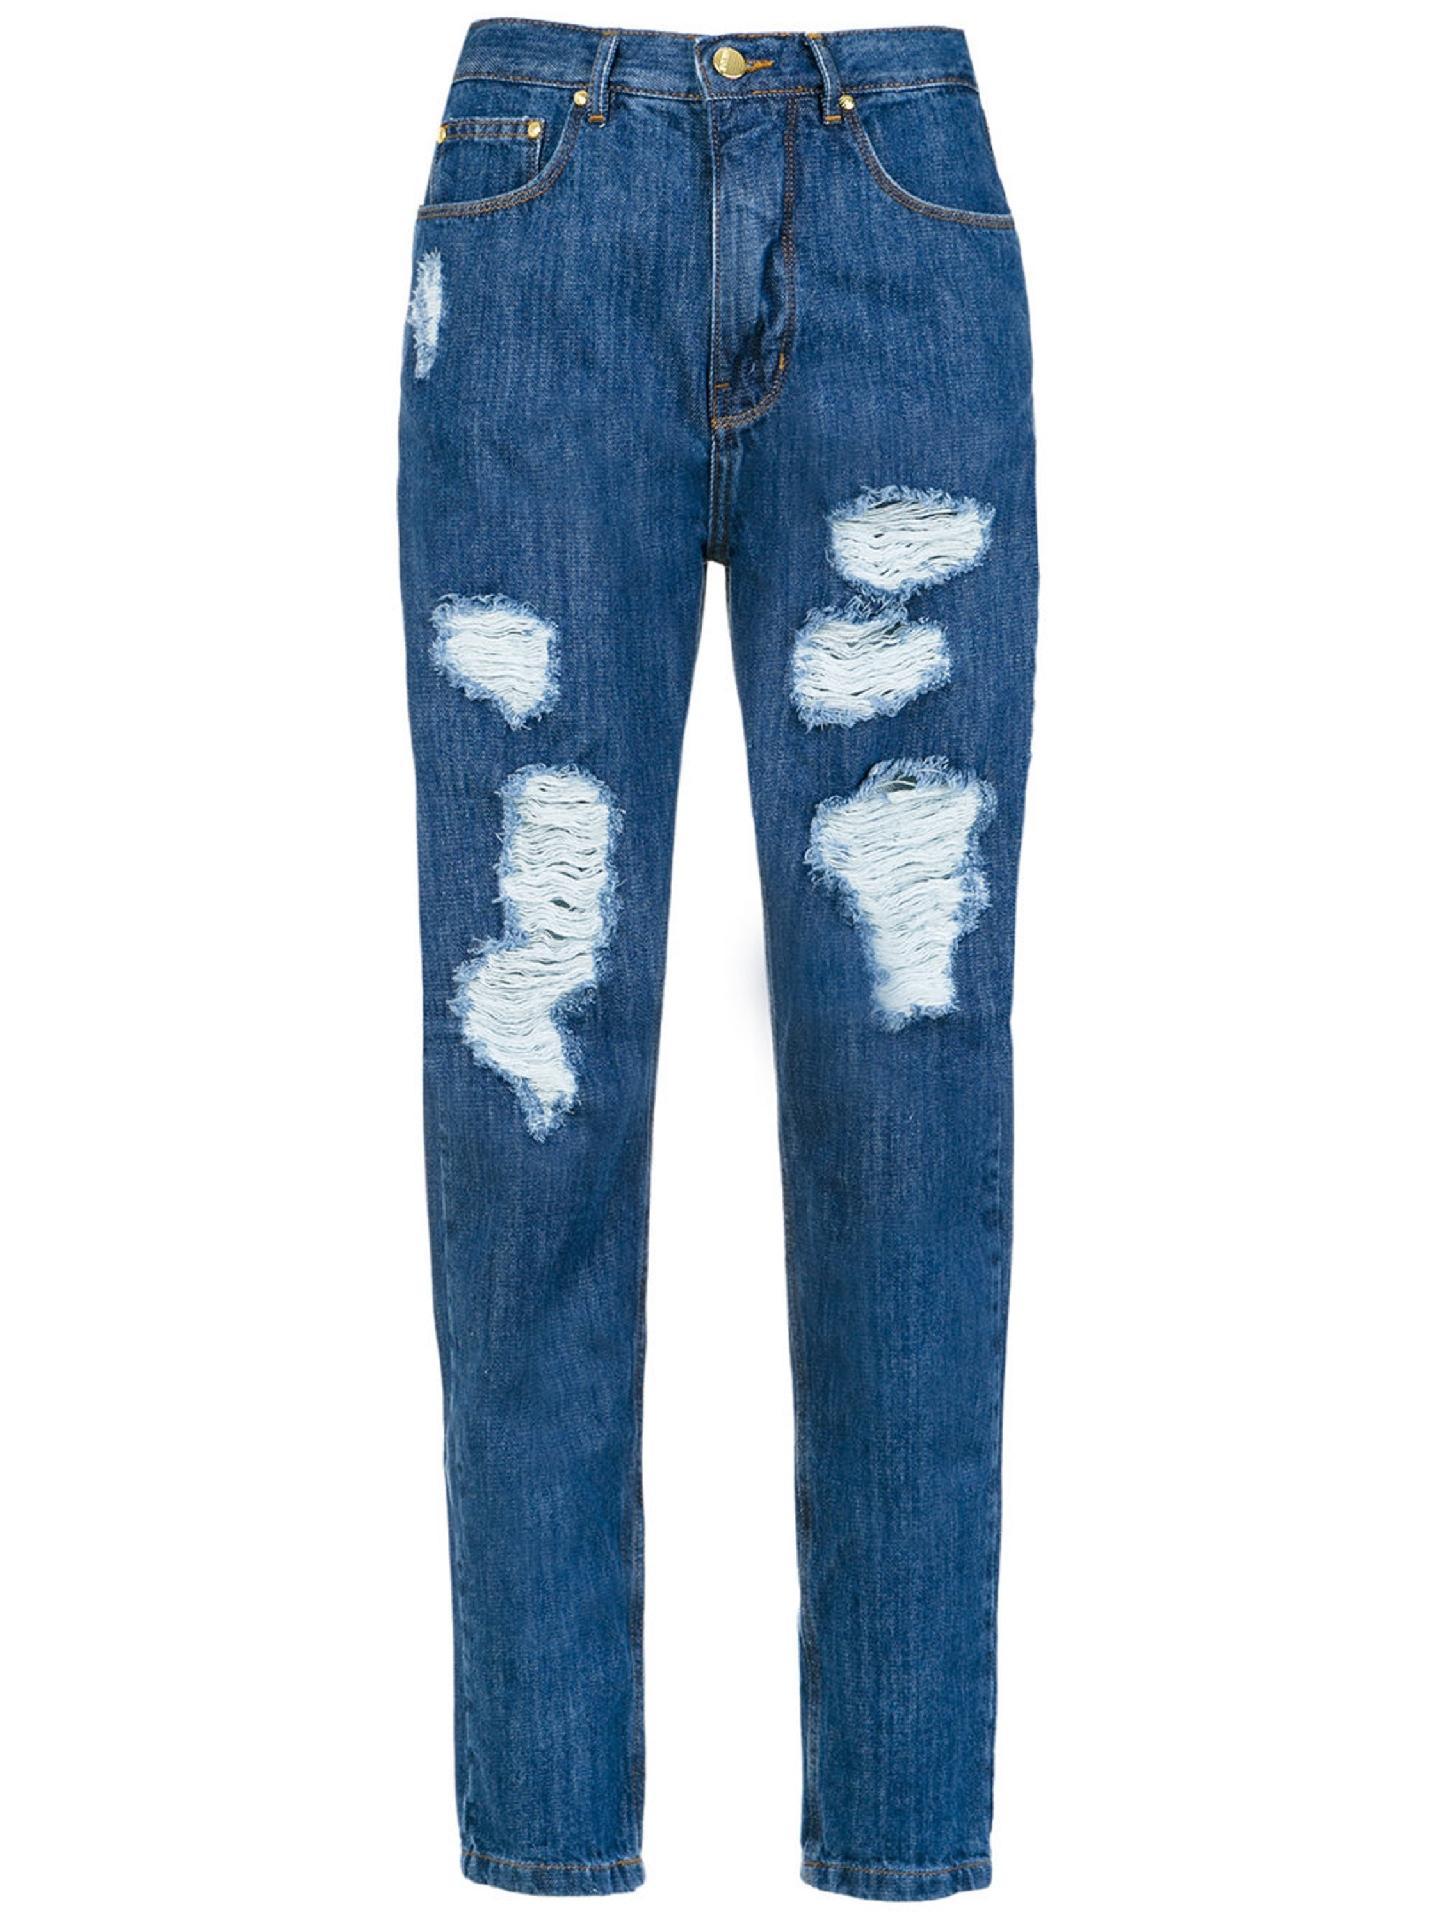 159814a42 Fotos: Mom jeans: confira opções para investir neste estilo de calça ...